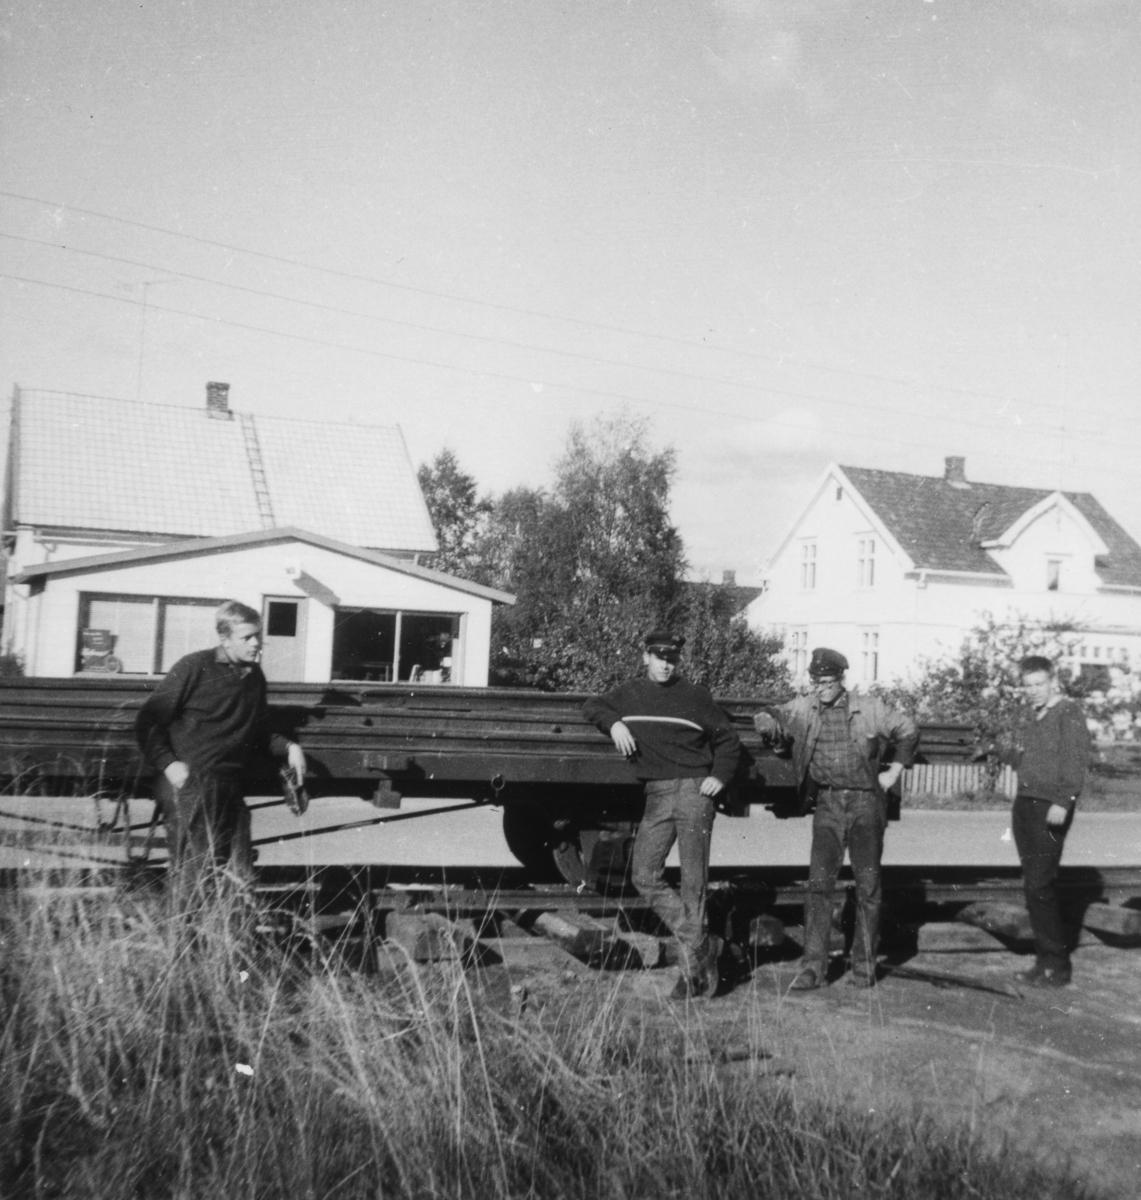 Henting av skinnemateriell i Sørumsand sentrum med vogn N 105 for bruk på museumsbanen. Nytt, midlertidig spor over vei måtte legges ut